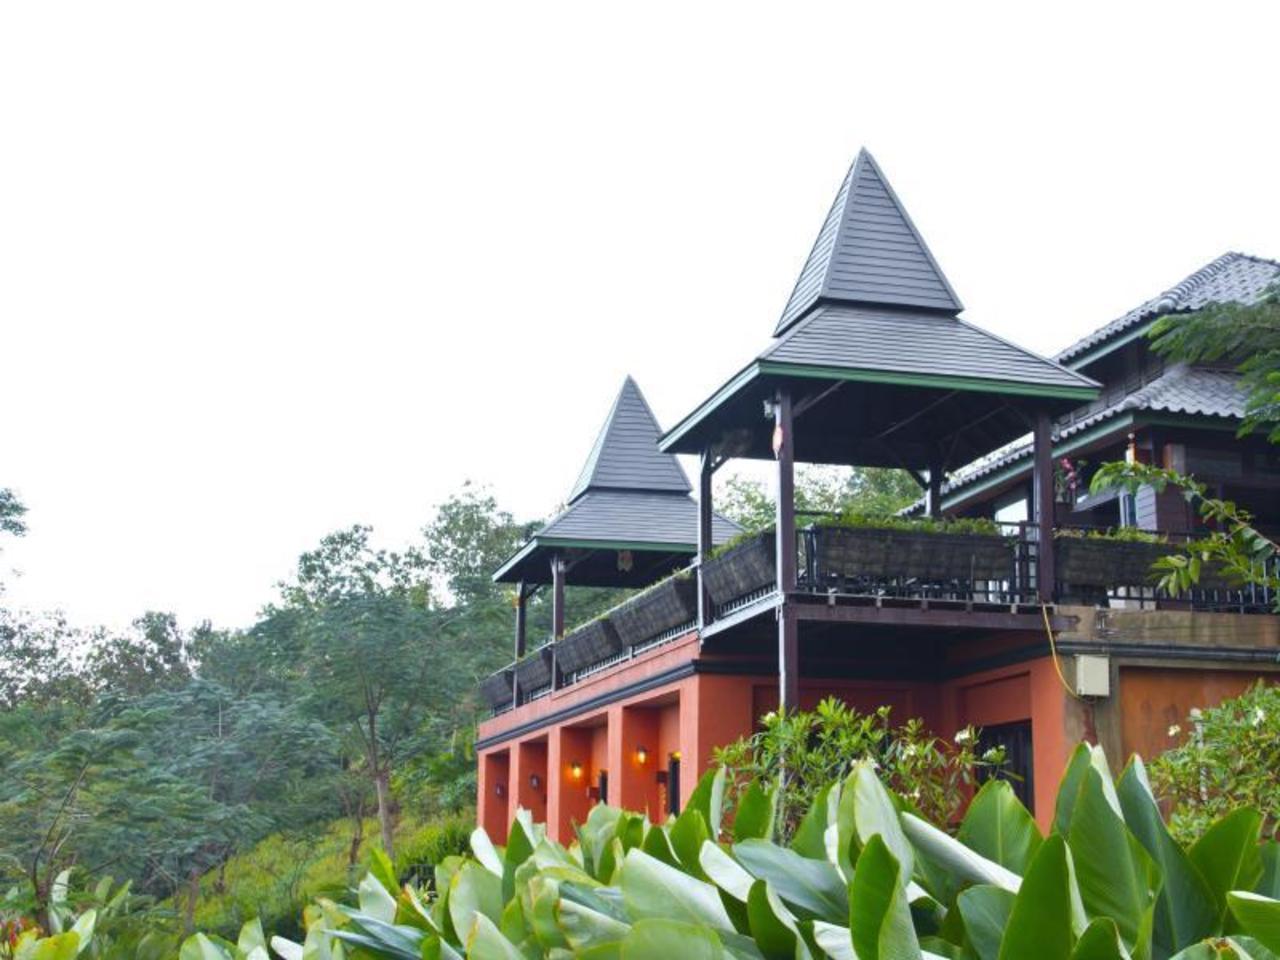 ท่าตอนฮิลล์ รีสอร์ท (Thaton Hill Resort)